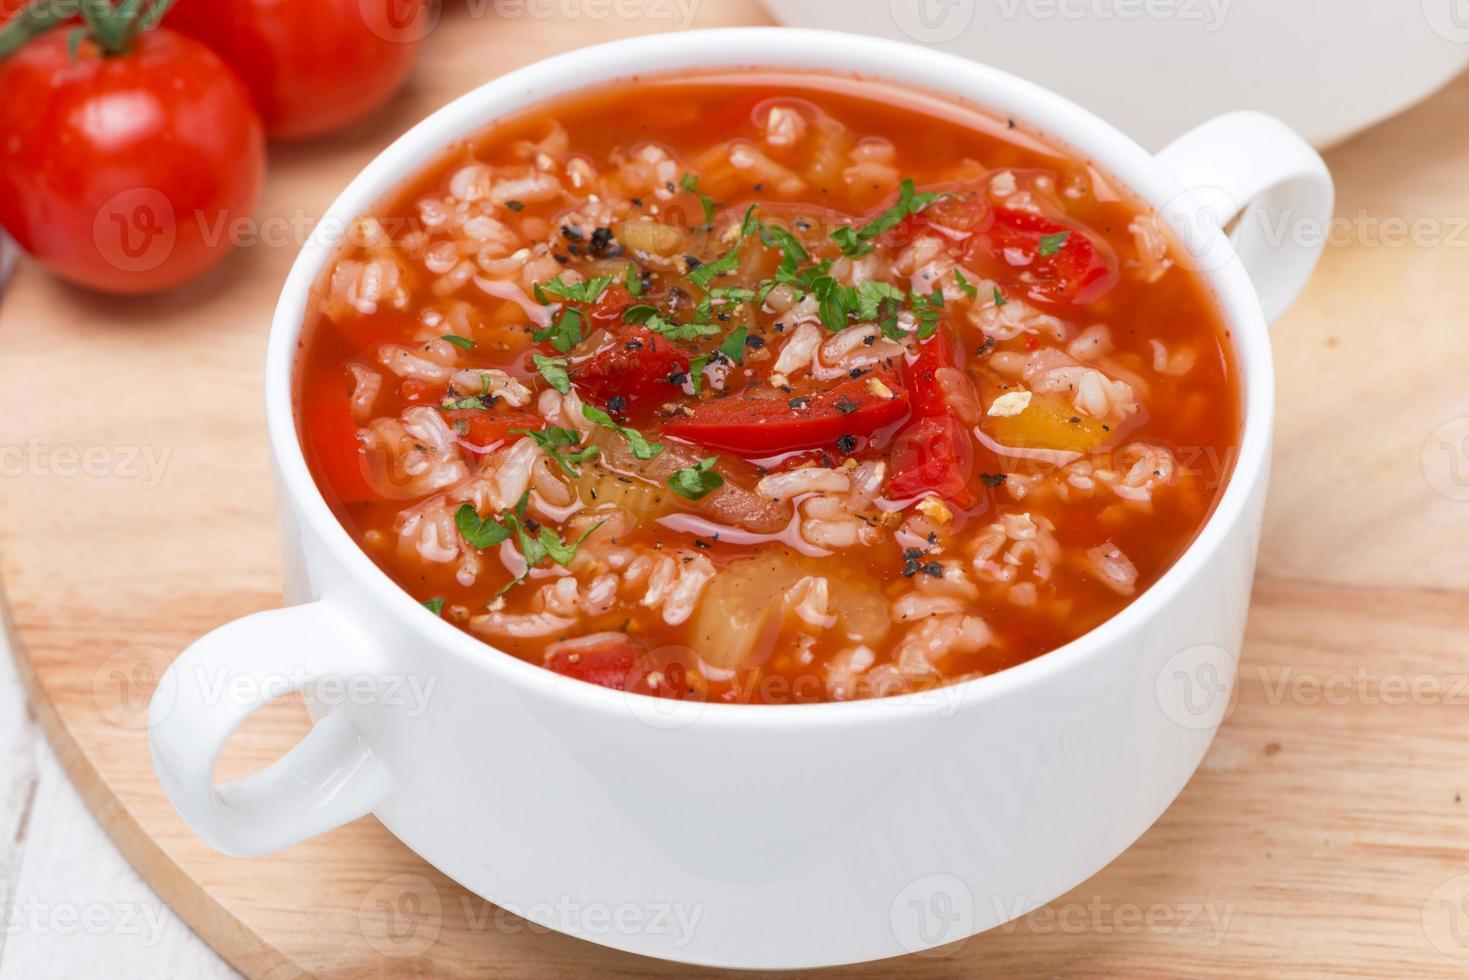 tomatensoep met rijst, groenten en kruiden, bovenaanzicht foto